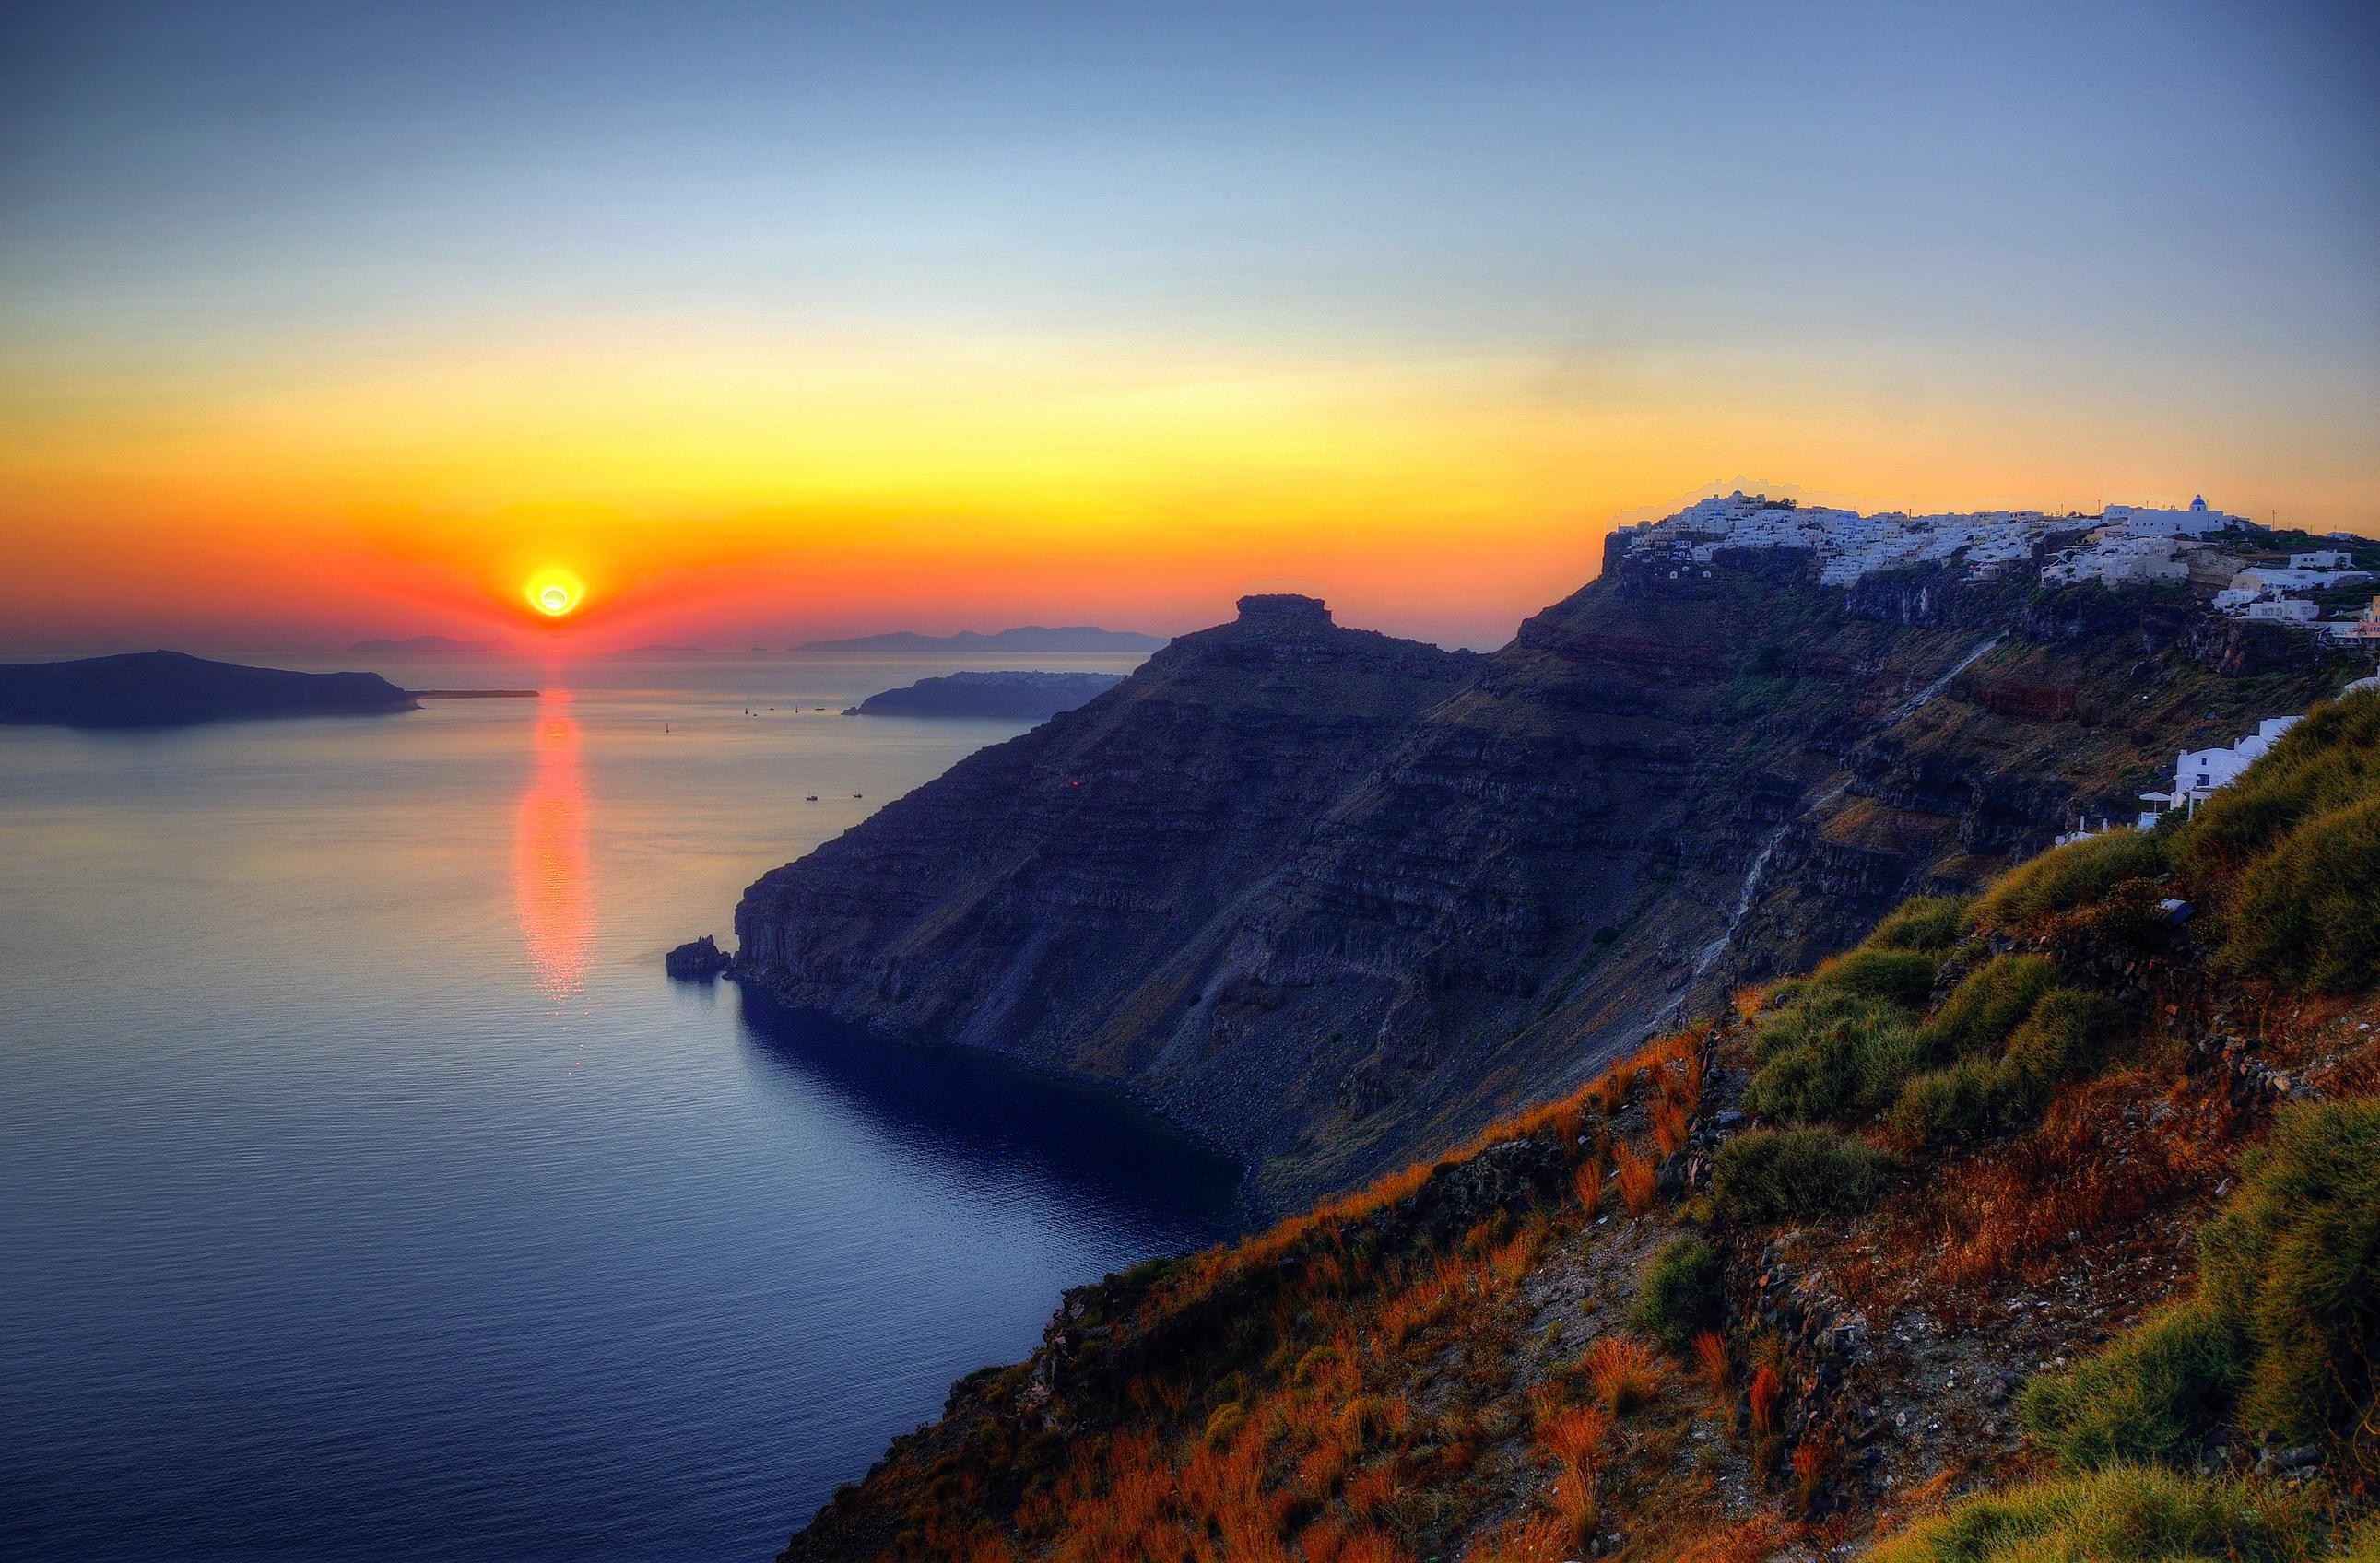 Coast_Greece_Sea_Sunrises_and_sunsets_Scenery_Nature_2582x1696